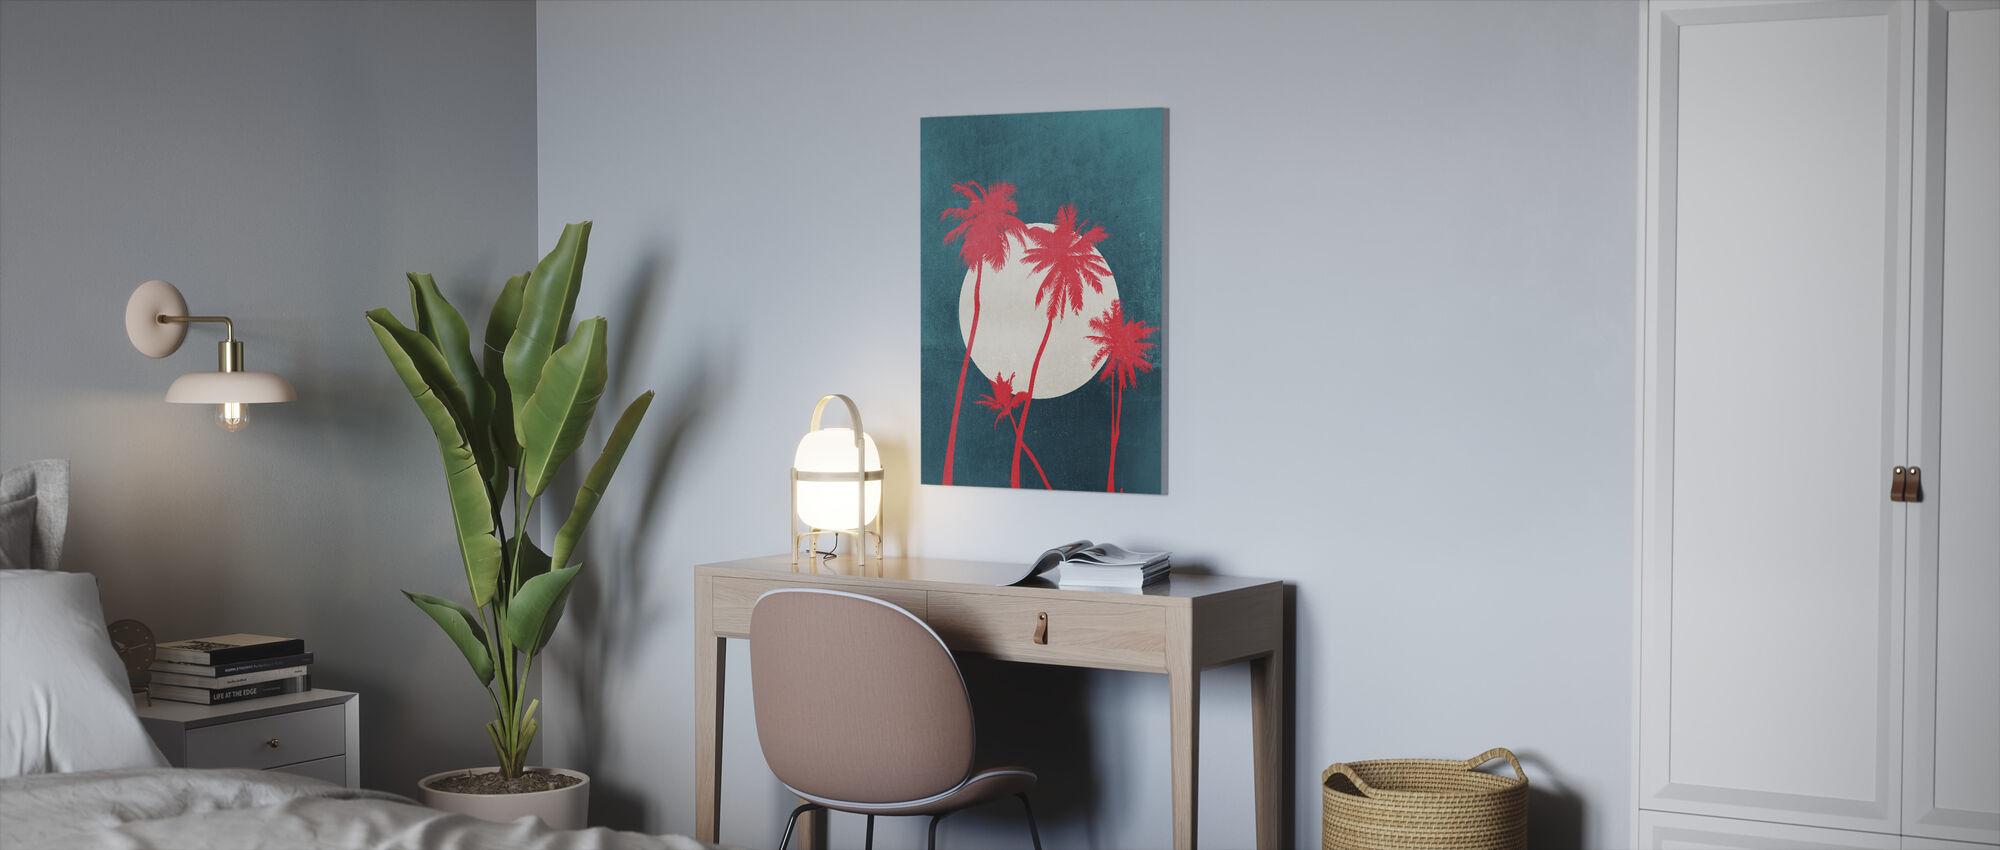 La Palma Moonshine - Canvas print - Office